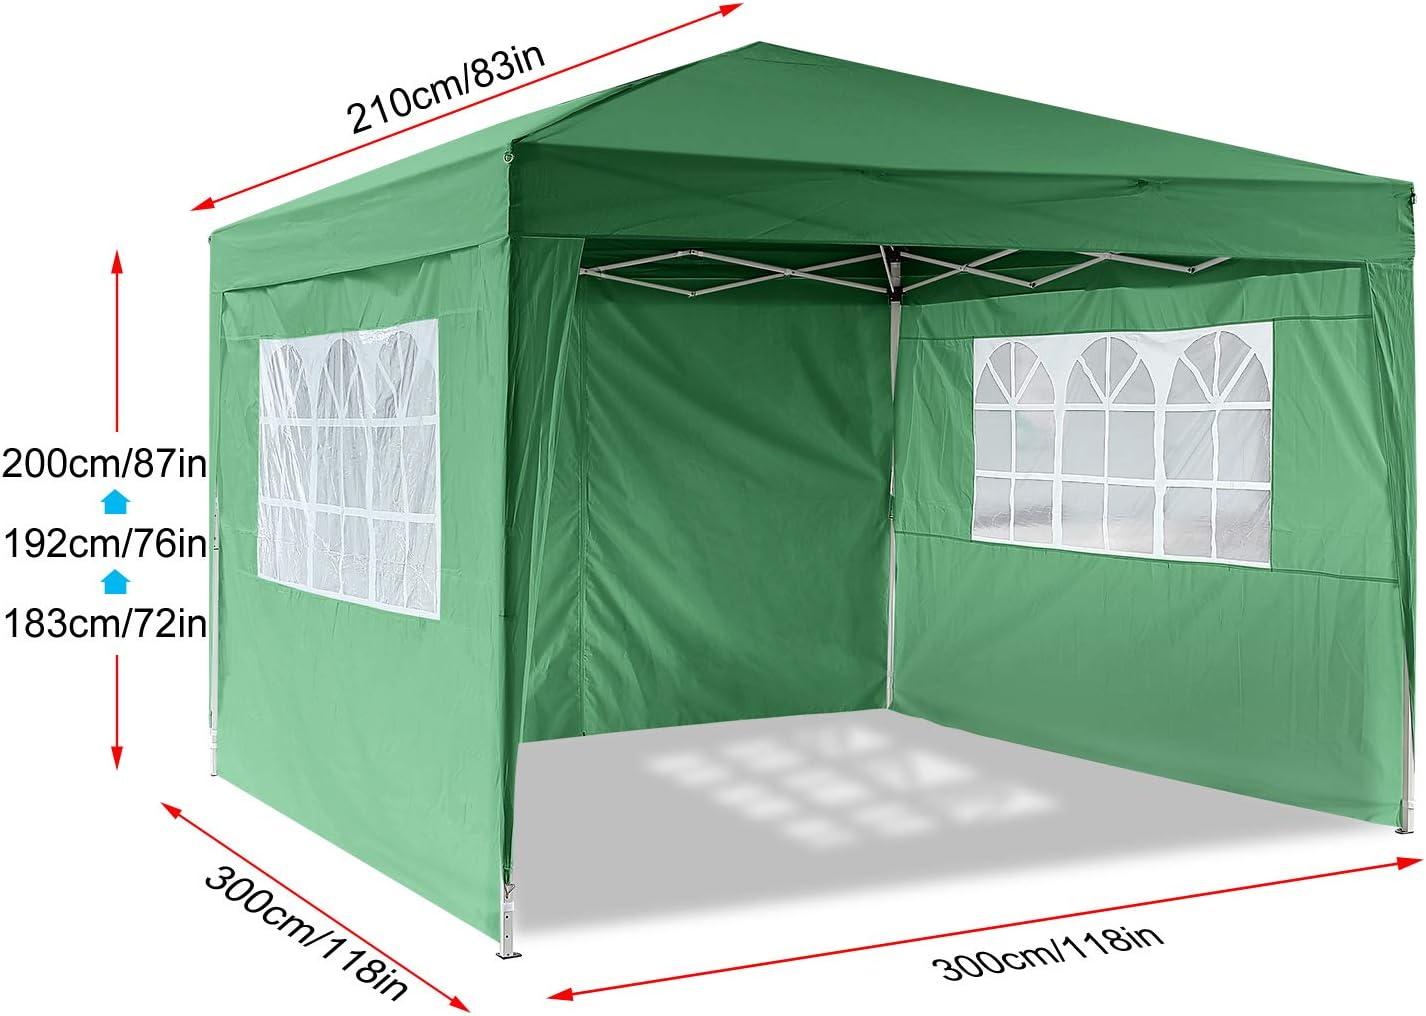 Homdox Tienda Pabellón Carpa 3M*3M con Paredes Laterales y Ventanas Plegables para Fiestas, Eventos, Boda, en Jardín o al Aire Libre, Verde: Amazon.es: Jardín